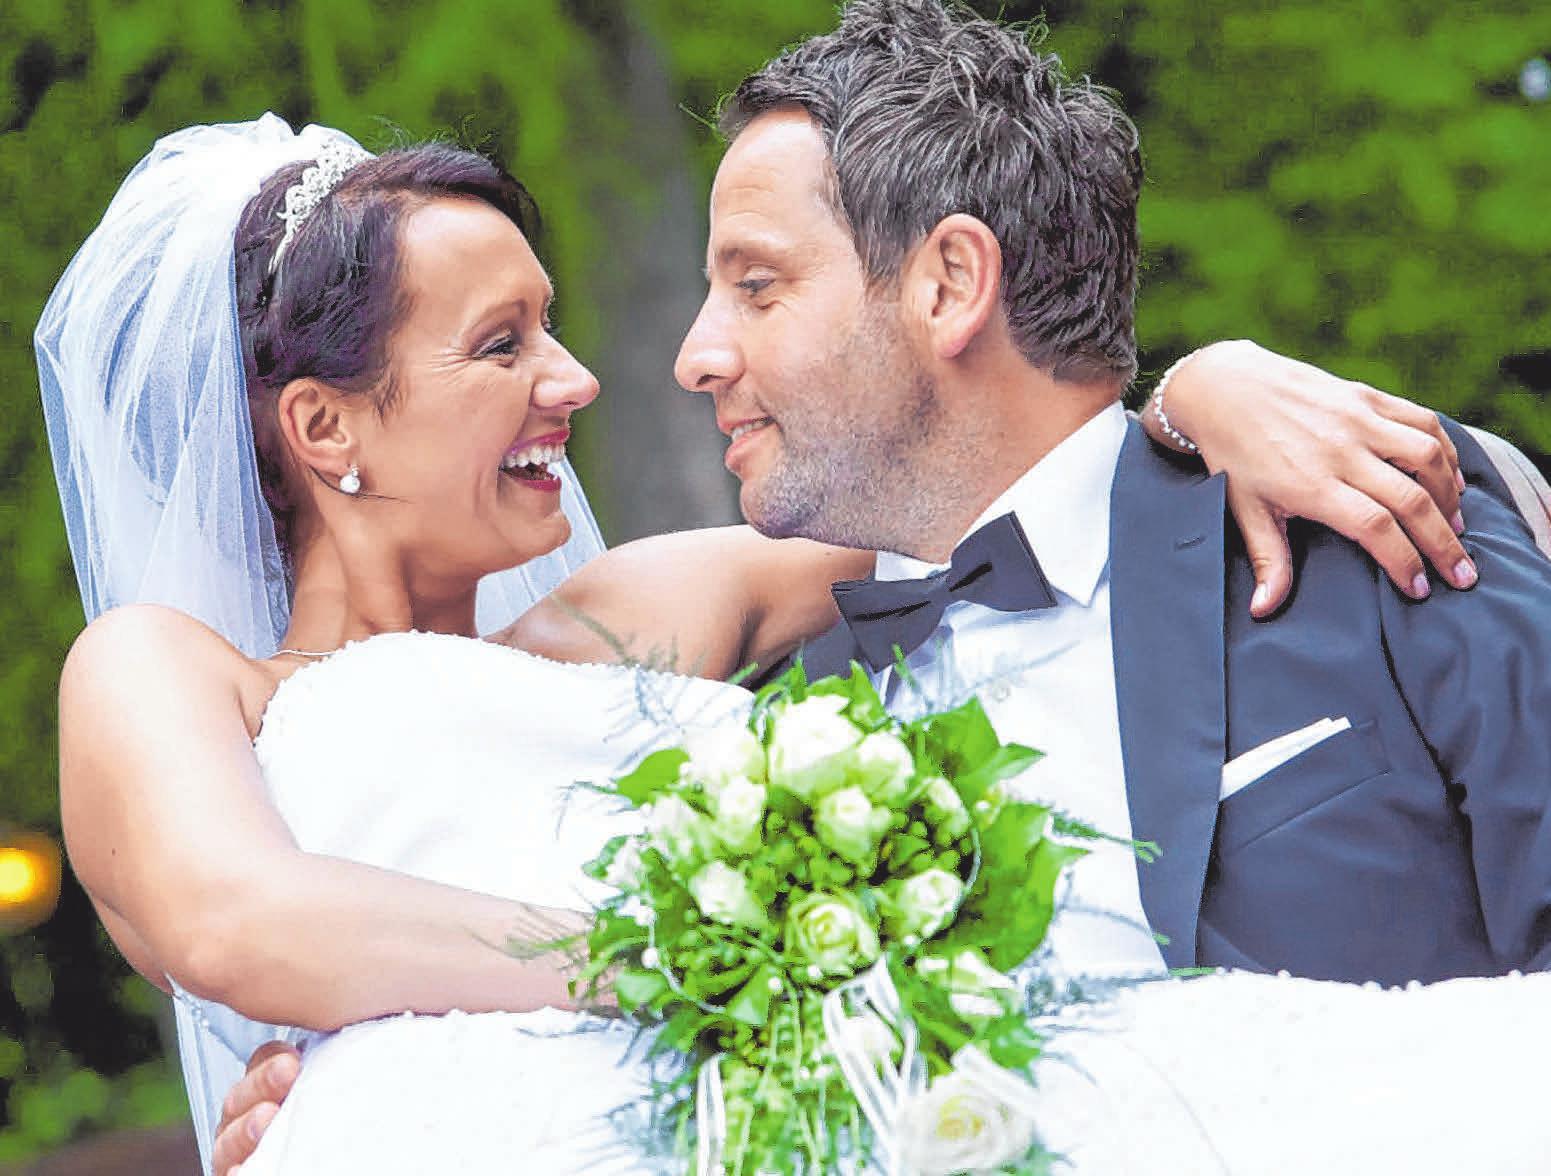 Schön und schwungvoll in die Ehe - die richtige Vorbereitung hilft dabei. FOTO: DJD/JH-PHOTO.DE-FOTOLIA